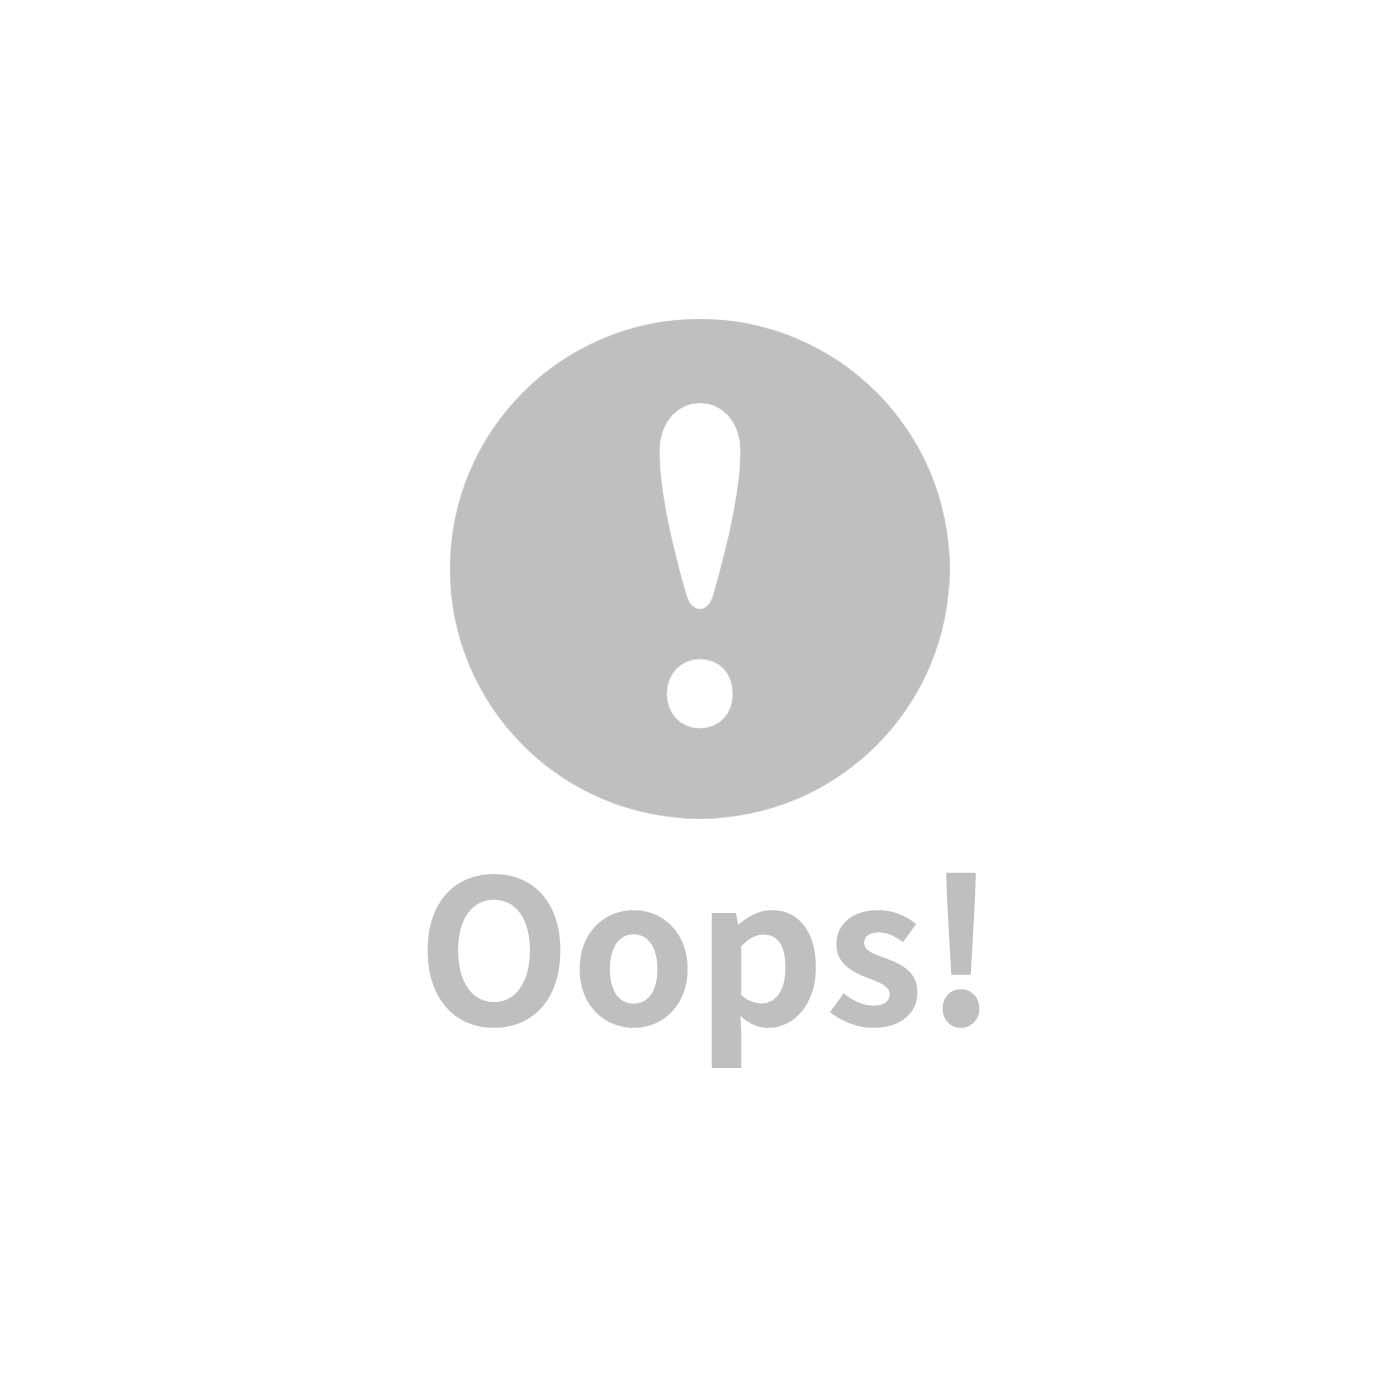 【韓國 lolbaby】Hi Jell-O涼感蒟蒻床墊_涼嬰兒兒童床墊(雲朵朵Ⅱ)